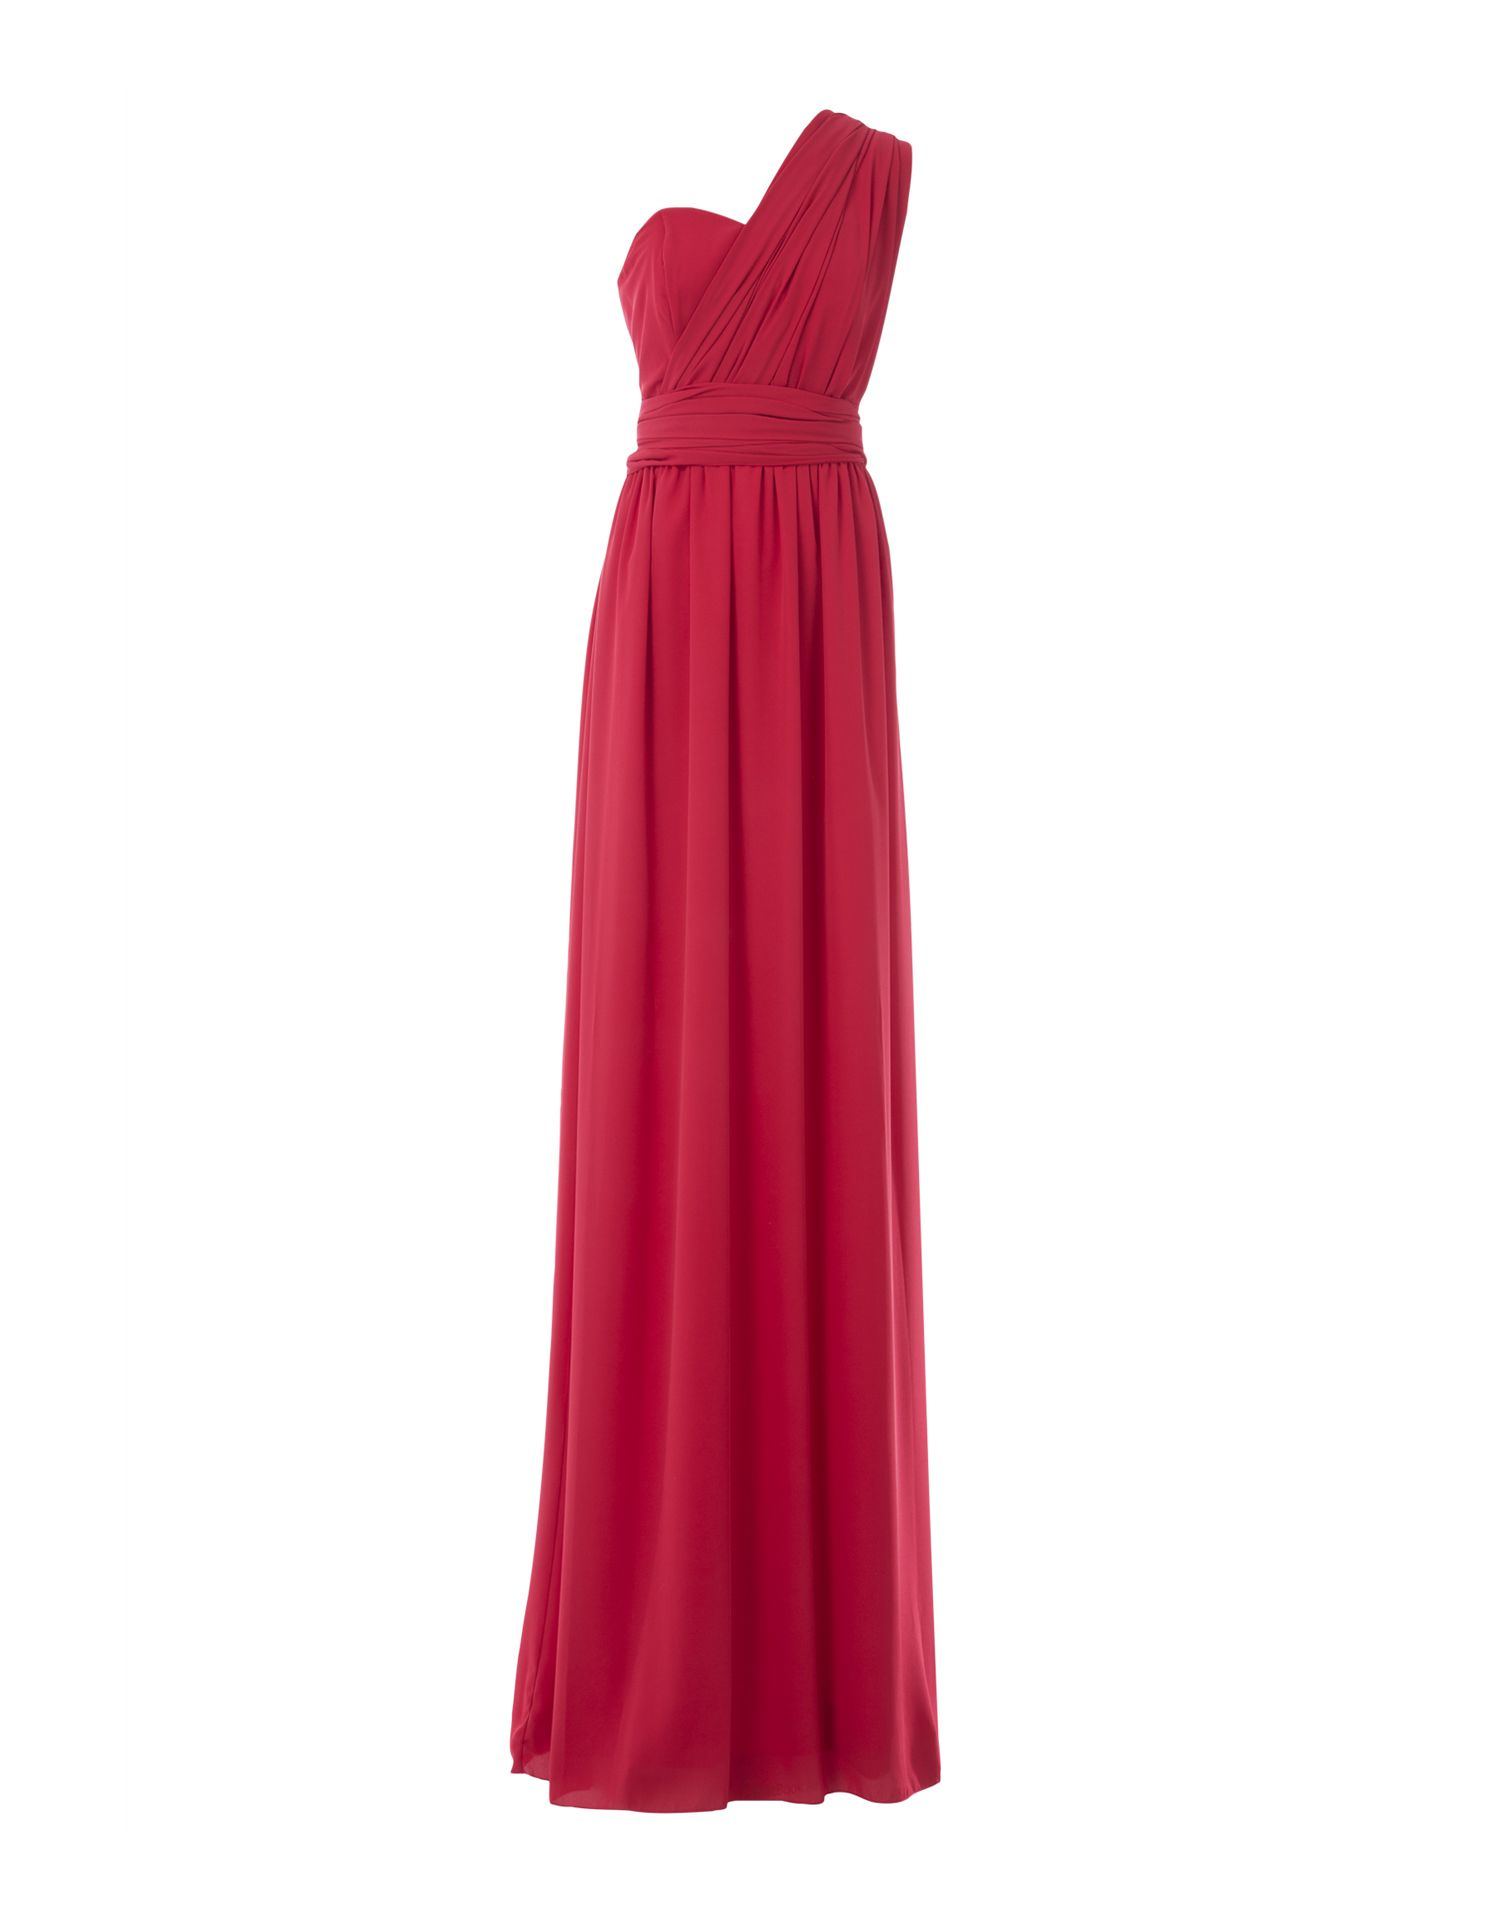 Vestido Atenea Rojo de Miticca by Isabella Gobarodi